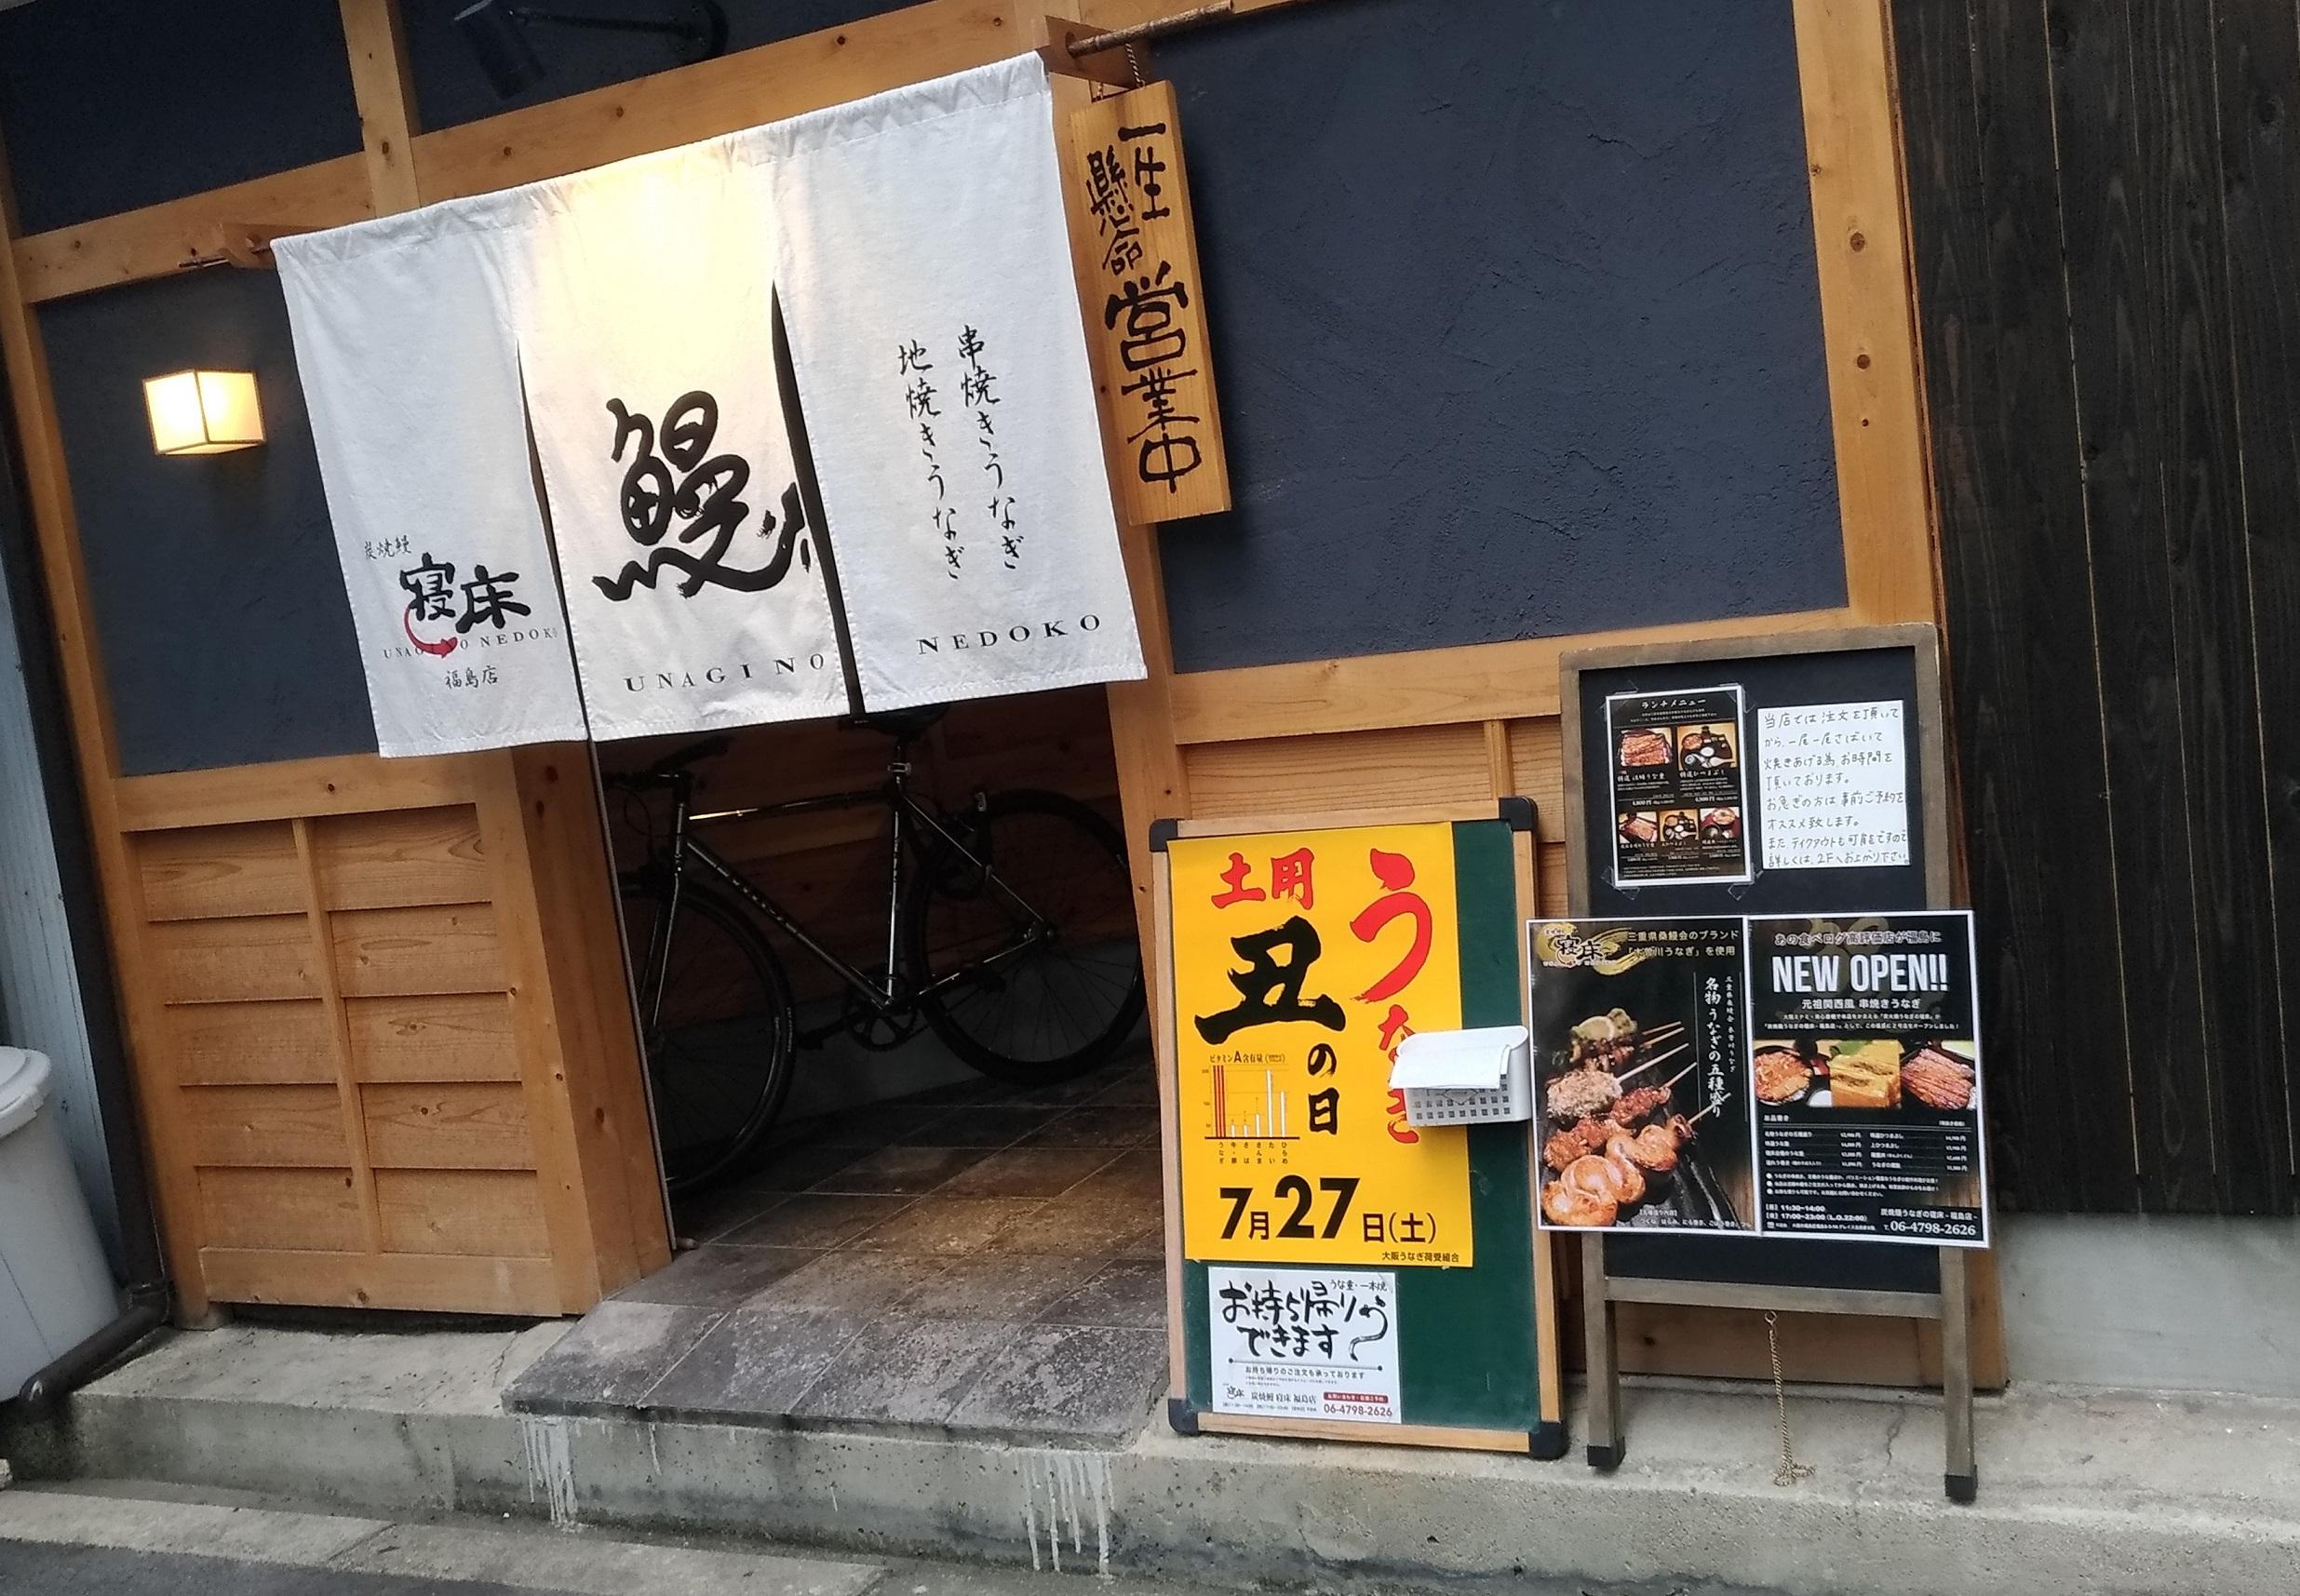 osaka_unagi_fukushima.jpg